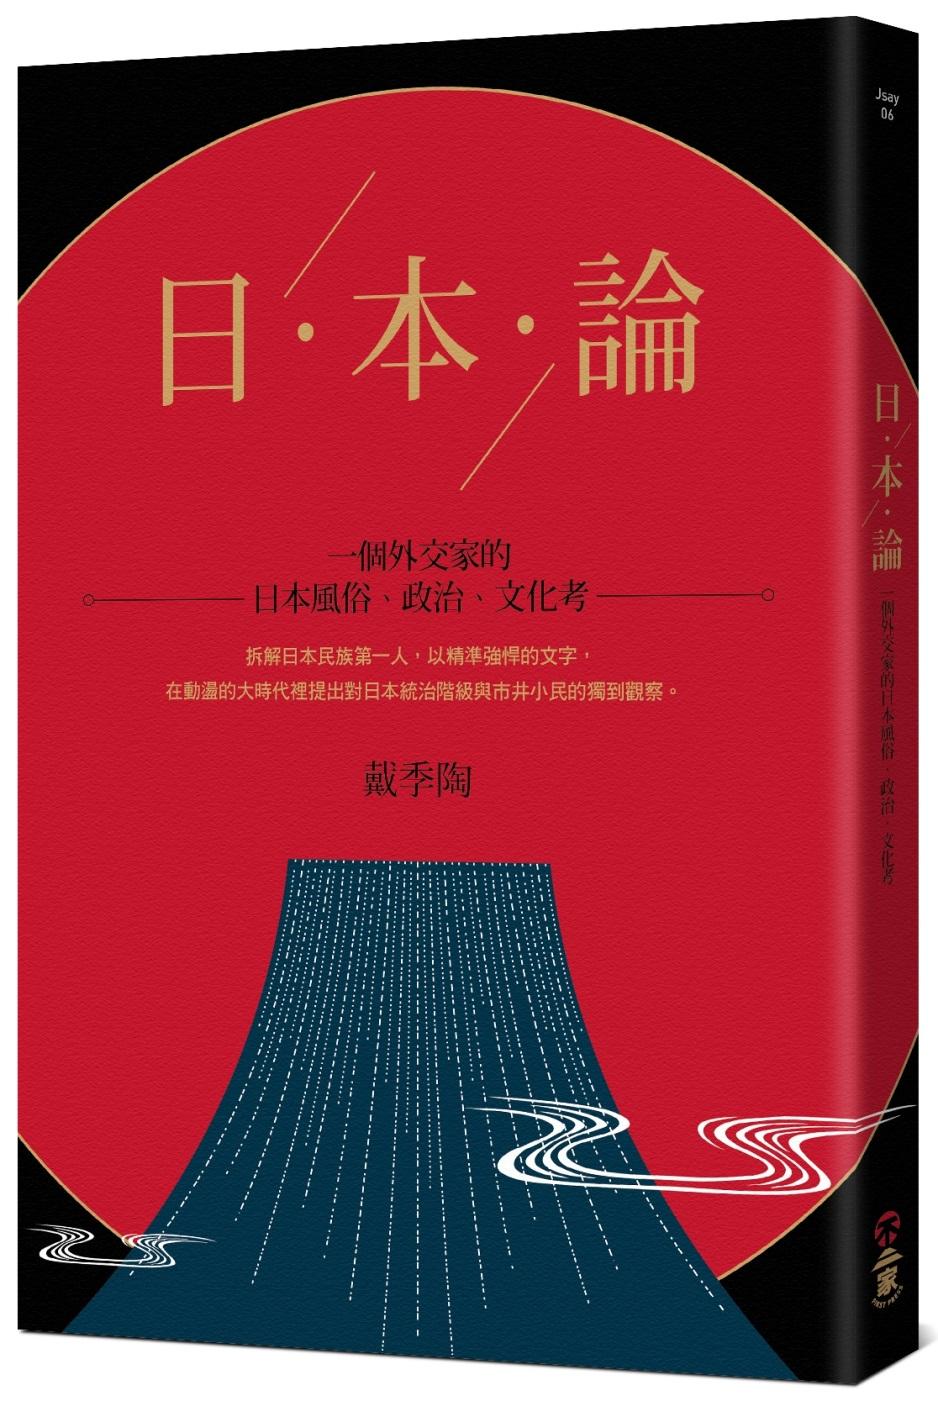 ◤博客來BOOKS◢ 暢銷書榜《推薦》日本論:一個外交家的日本風俗、政治、文化考